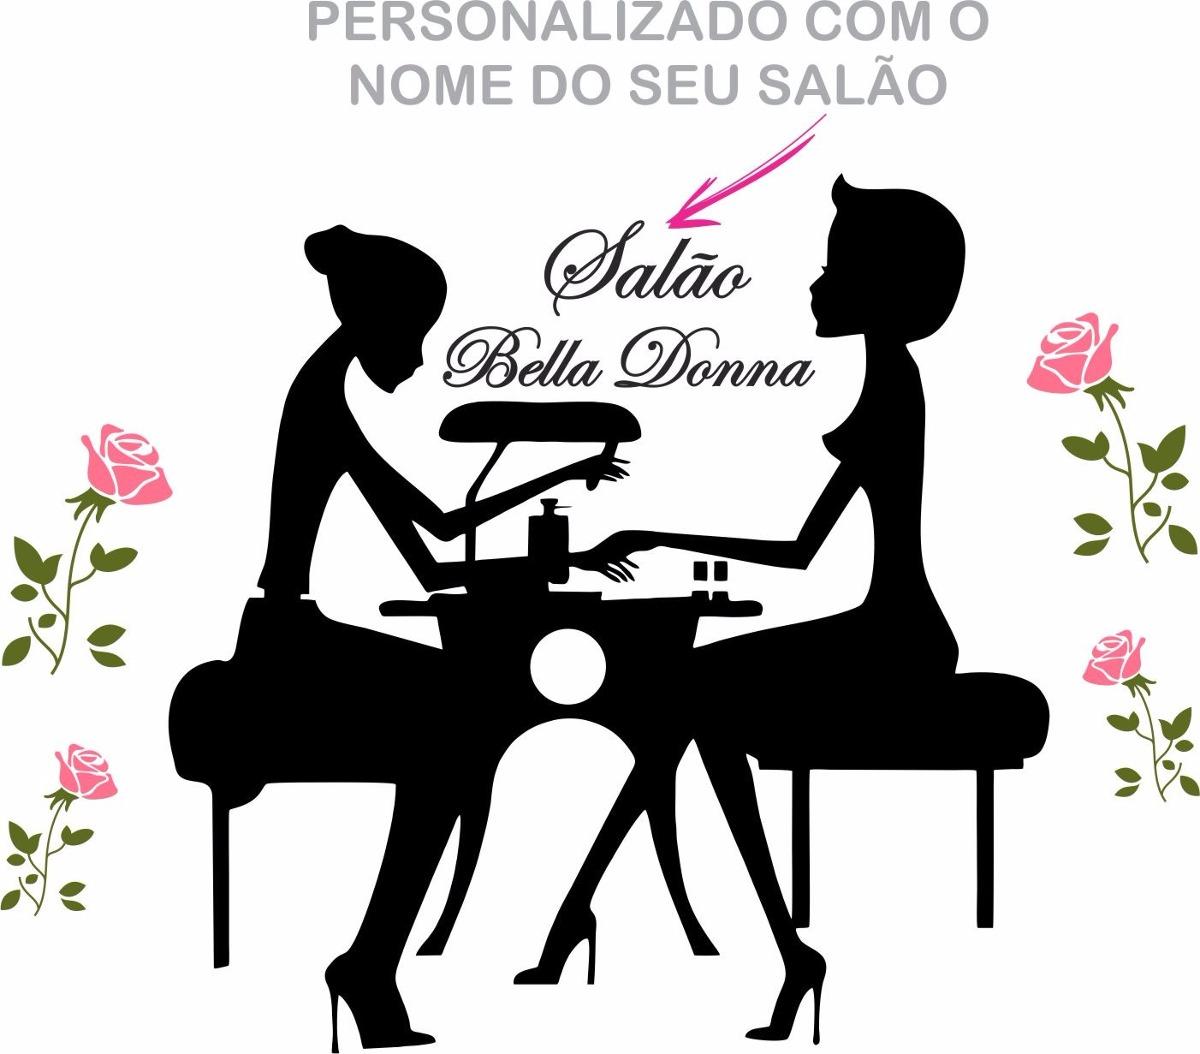 Artesanato Em Ubatuba ~ Adesivo Parede Sal u00e3o Manicure Beleza 1,4 Metro Personalizado R$ 120,00 em Mercado Livre